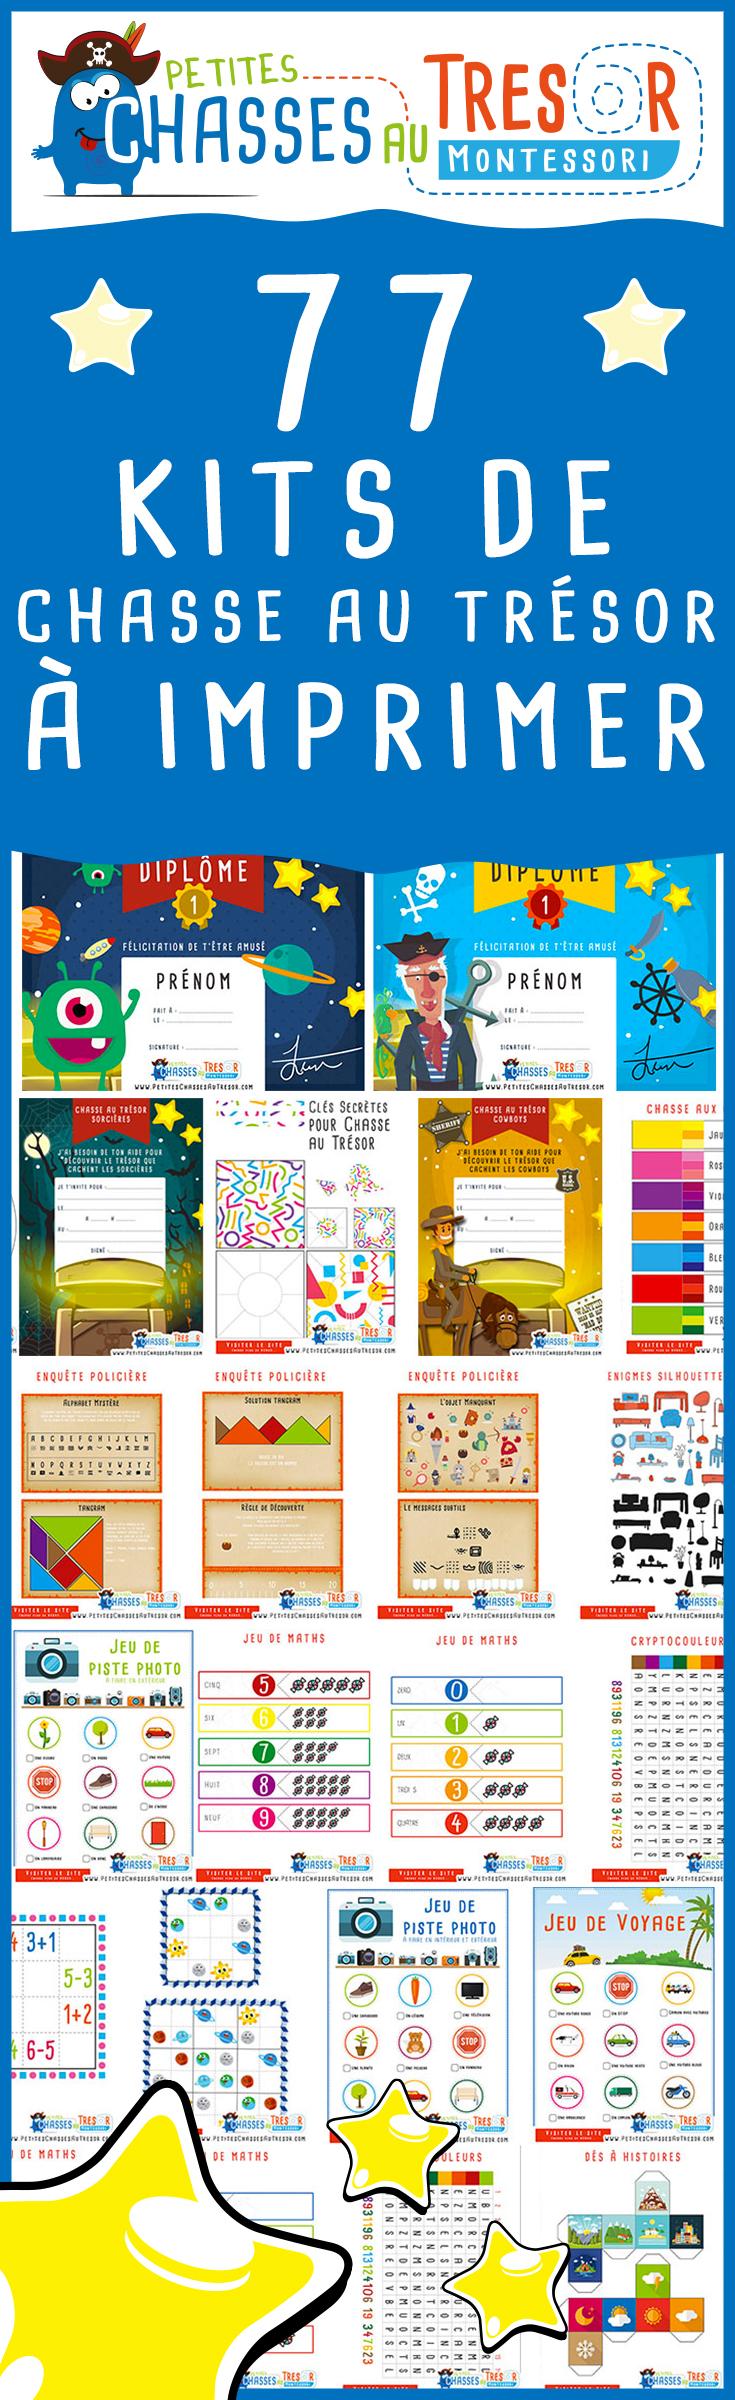 kits chasse au tr sor pour enfants imprimer gratuitement des activit s pour enfants. Black Bedroom Furniture Sets. Home Design Ideas